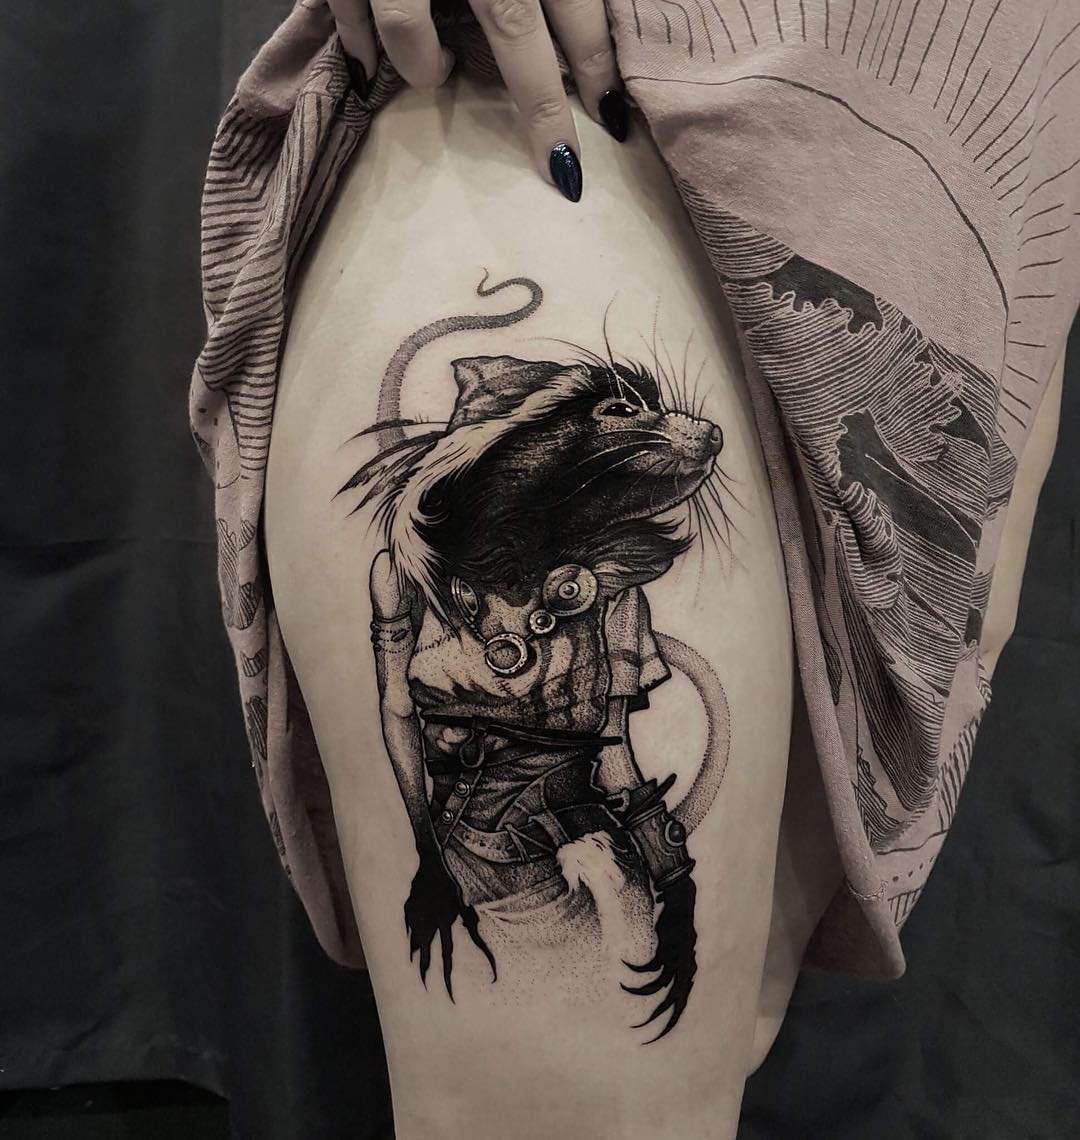 属兔的人纹身_生肖纹身大全:属鼠的人纹身什么好?21幅图案推荐 - 广州纹彩刺青